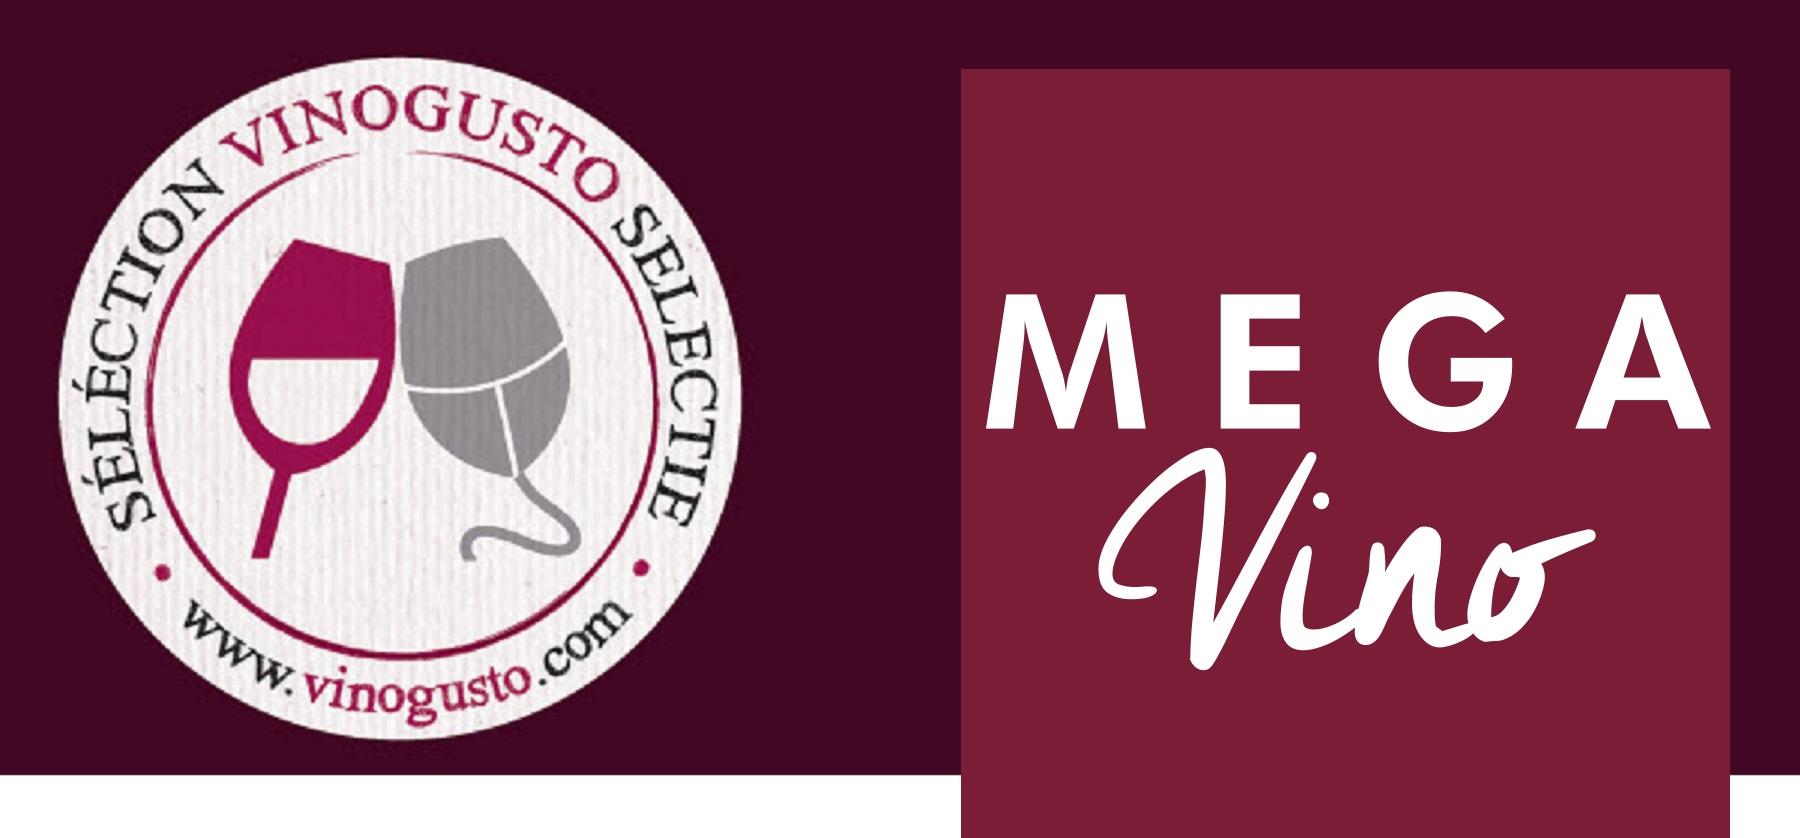 Mégavino 2019   Sélection Vinogusto parmi les vins des producteurs